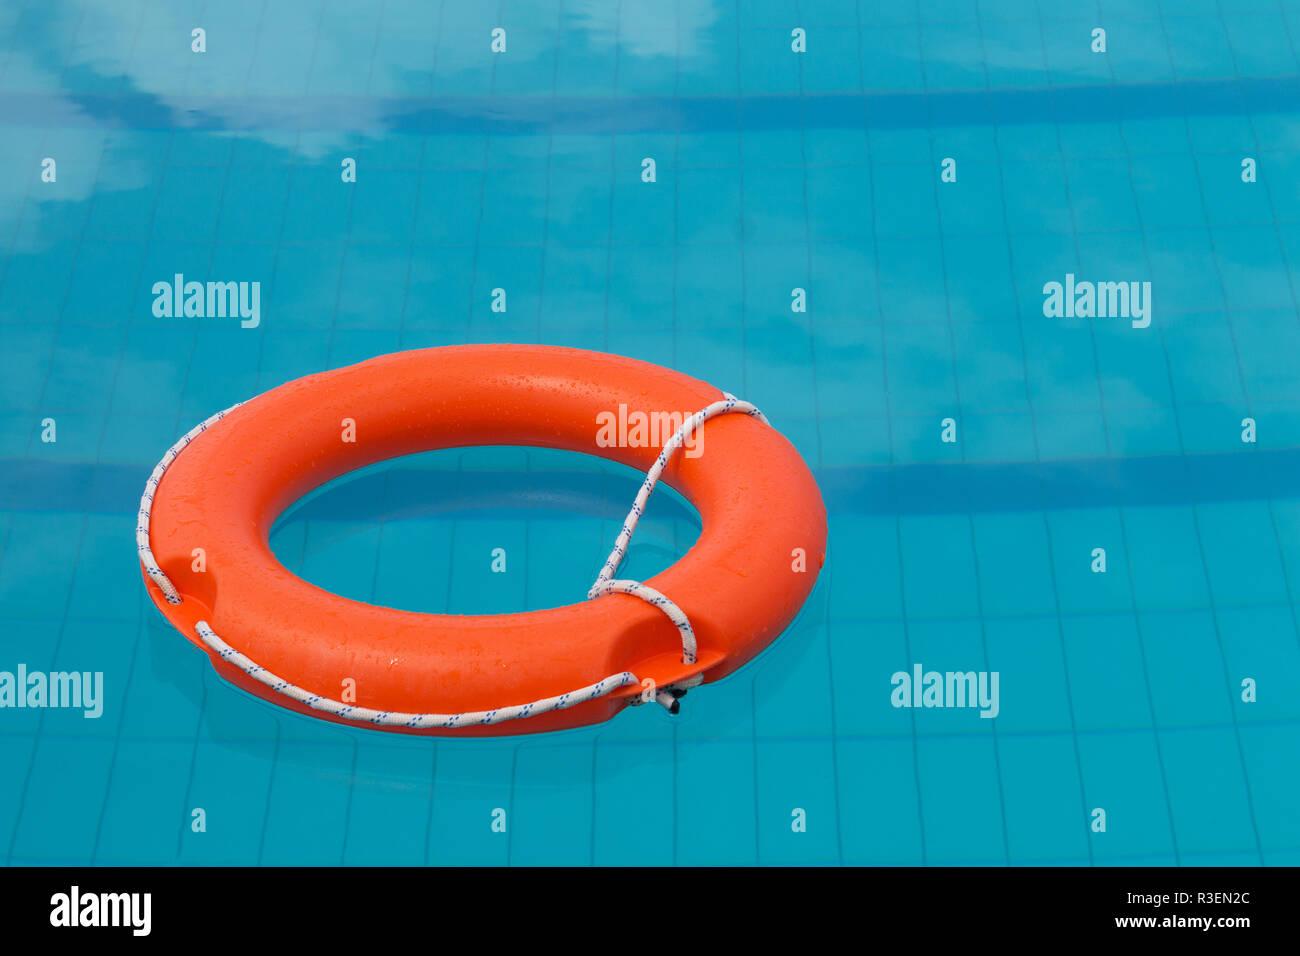 Bright Orange Life Buoy Stock Photos Bright Orange Life Buoy Stock Images Alamy